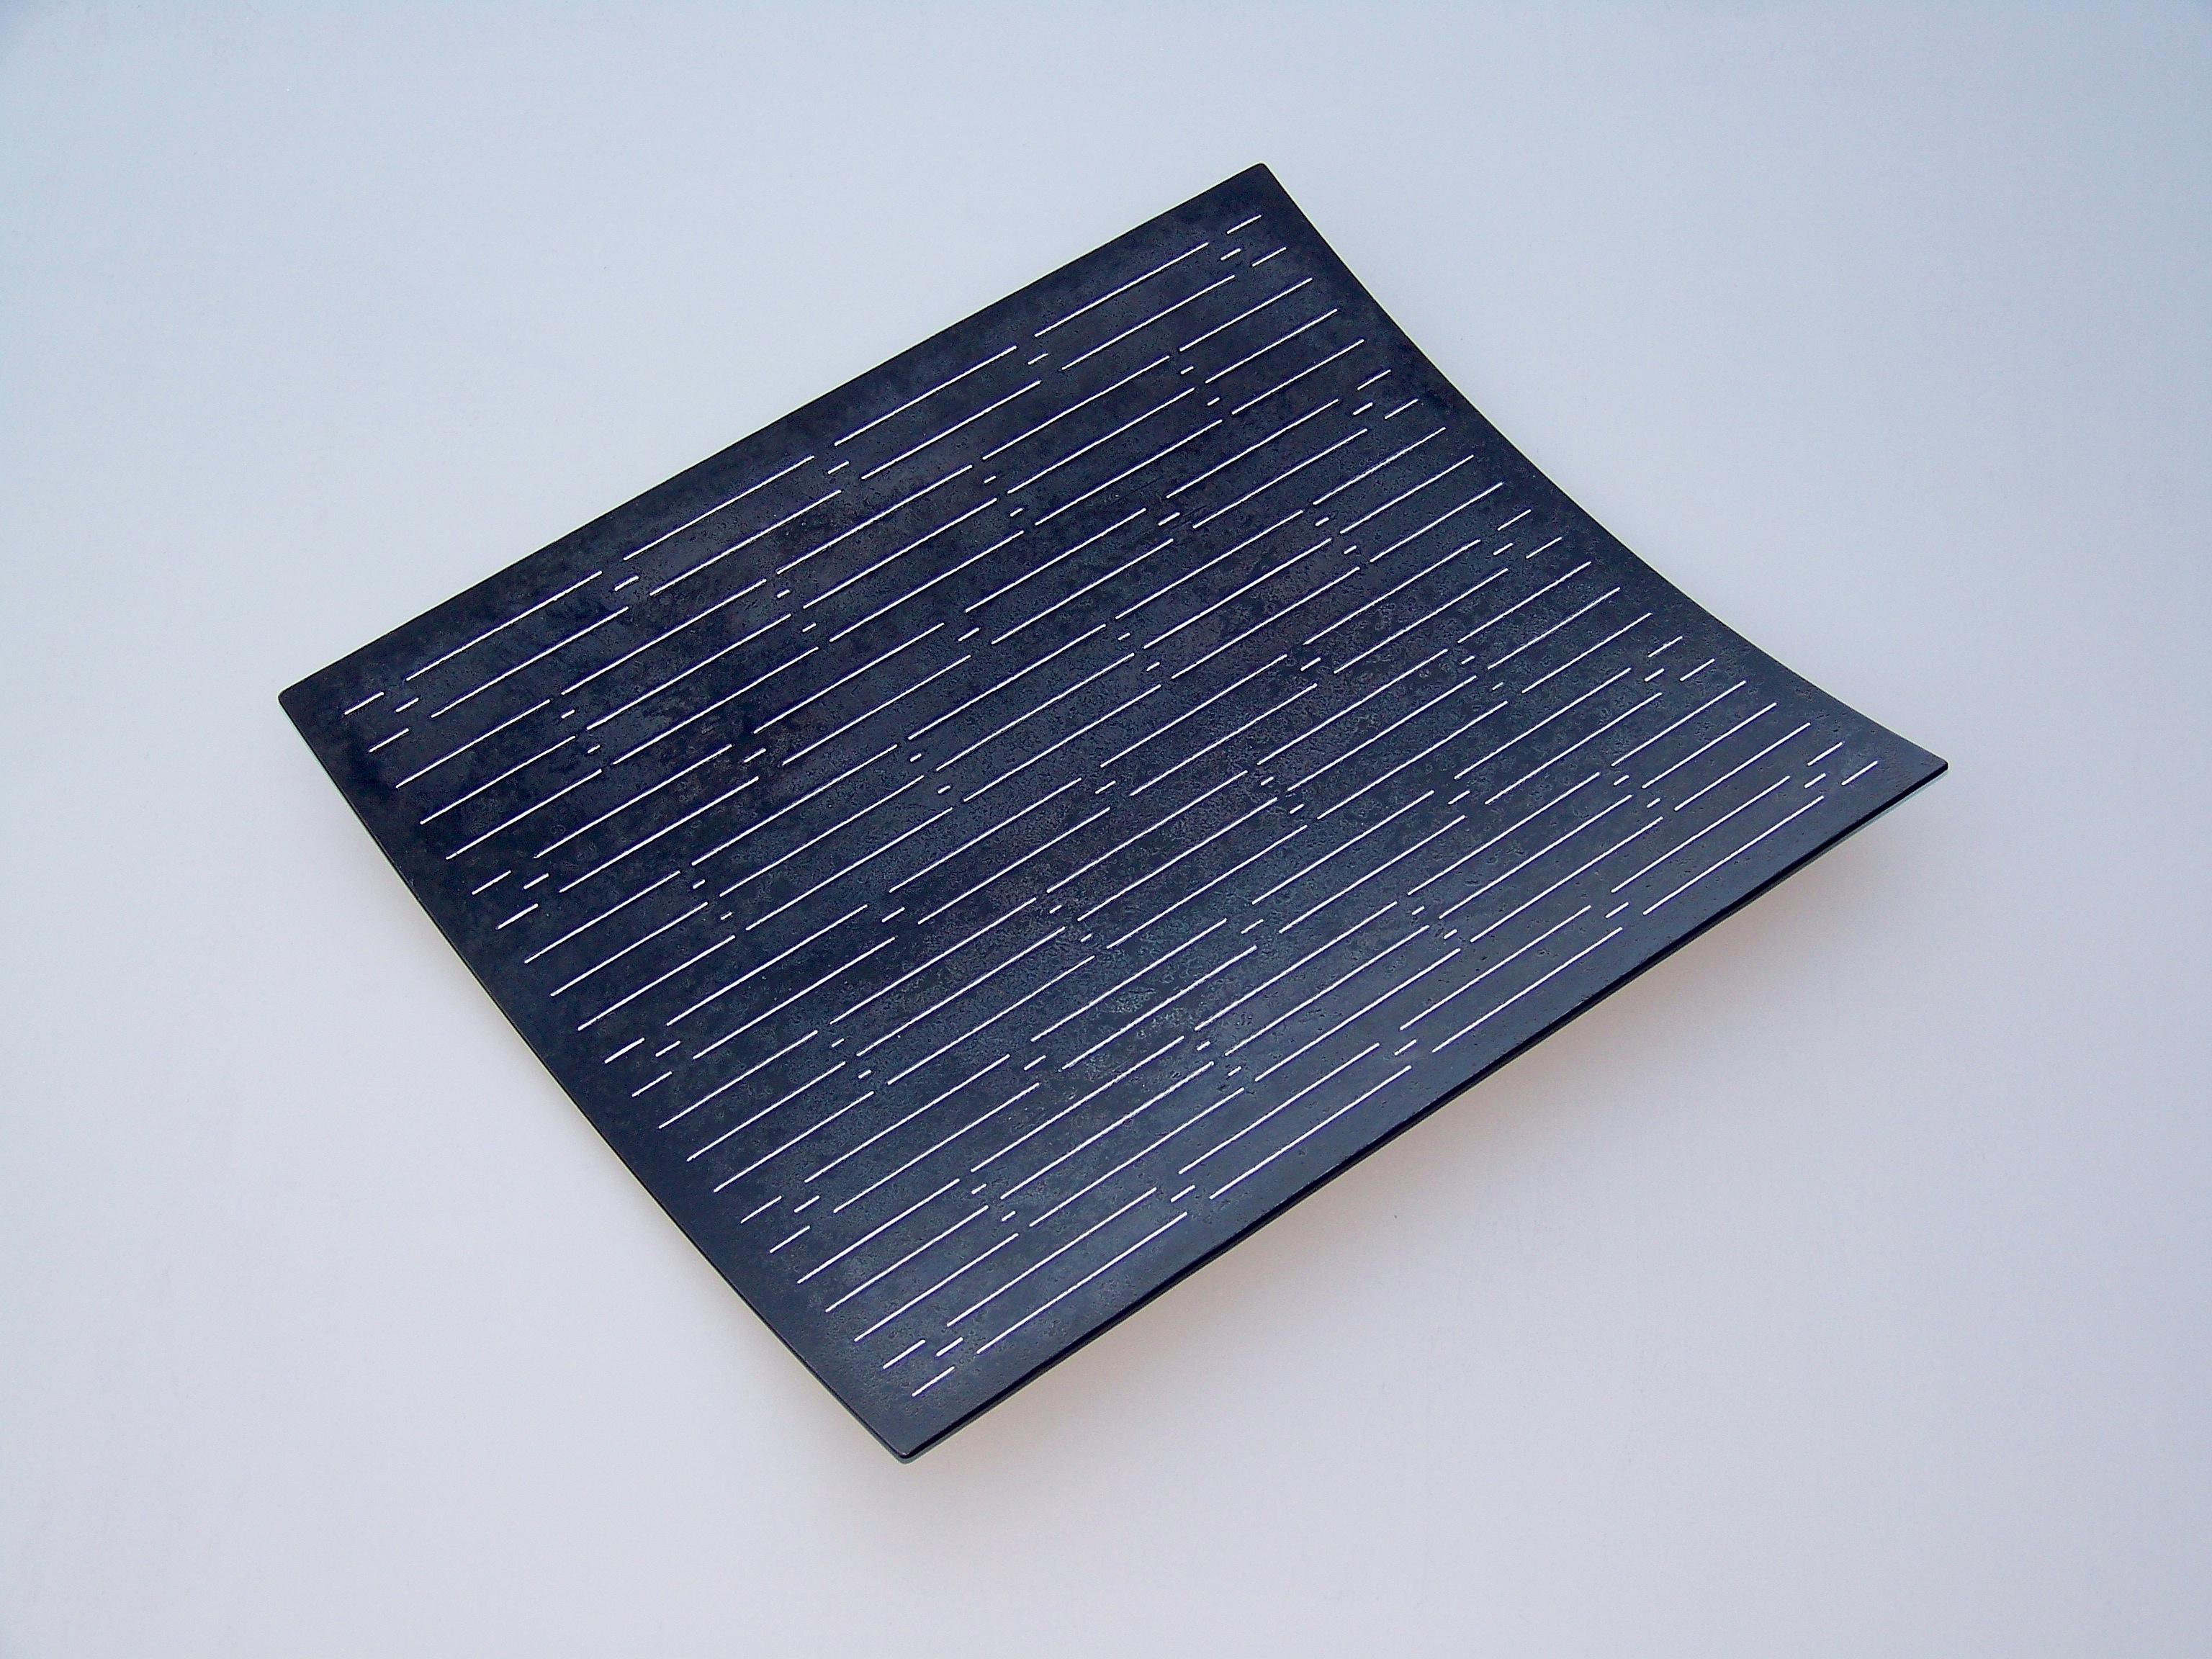 1.Konkav form, 2013, 48 x 41 x 6 cm, oljebrent stål med innlagt sølvtråd